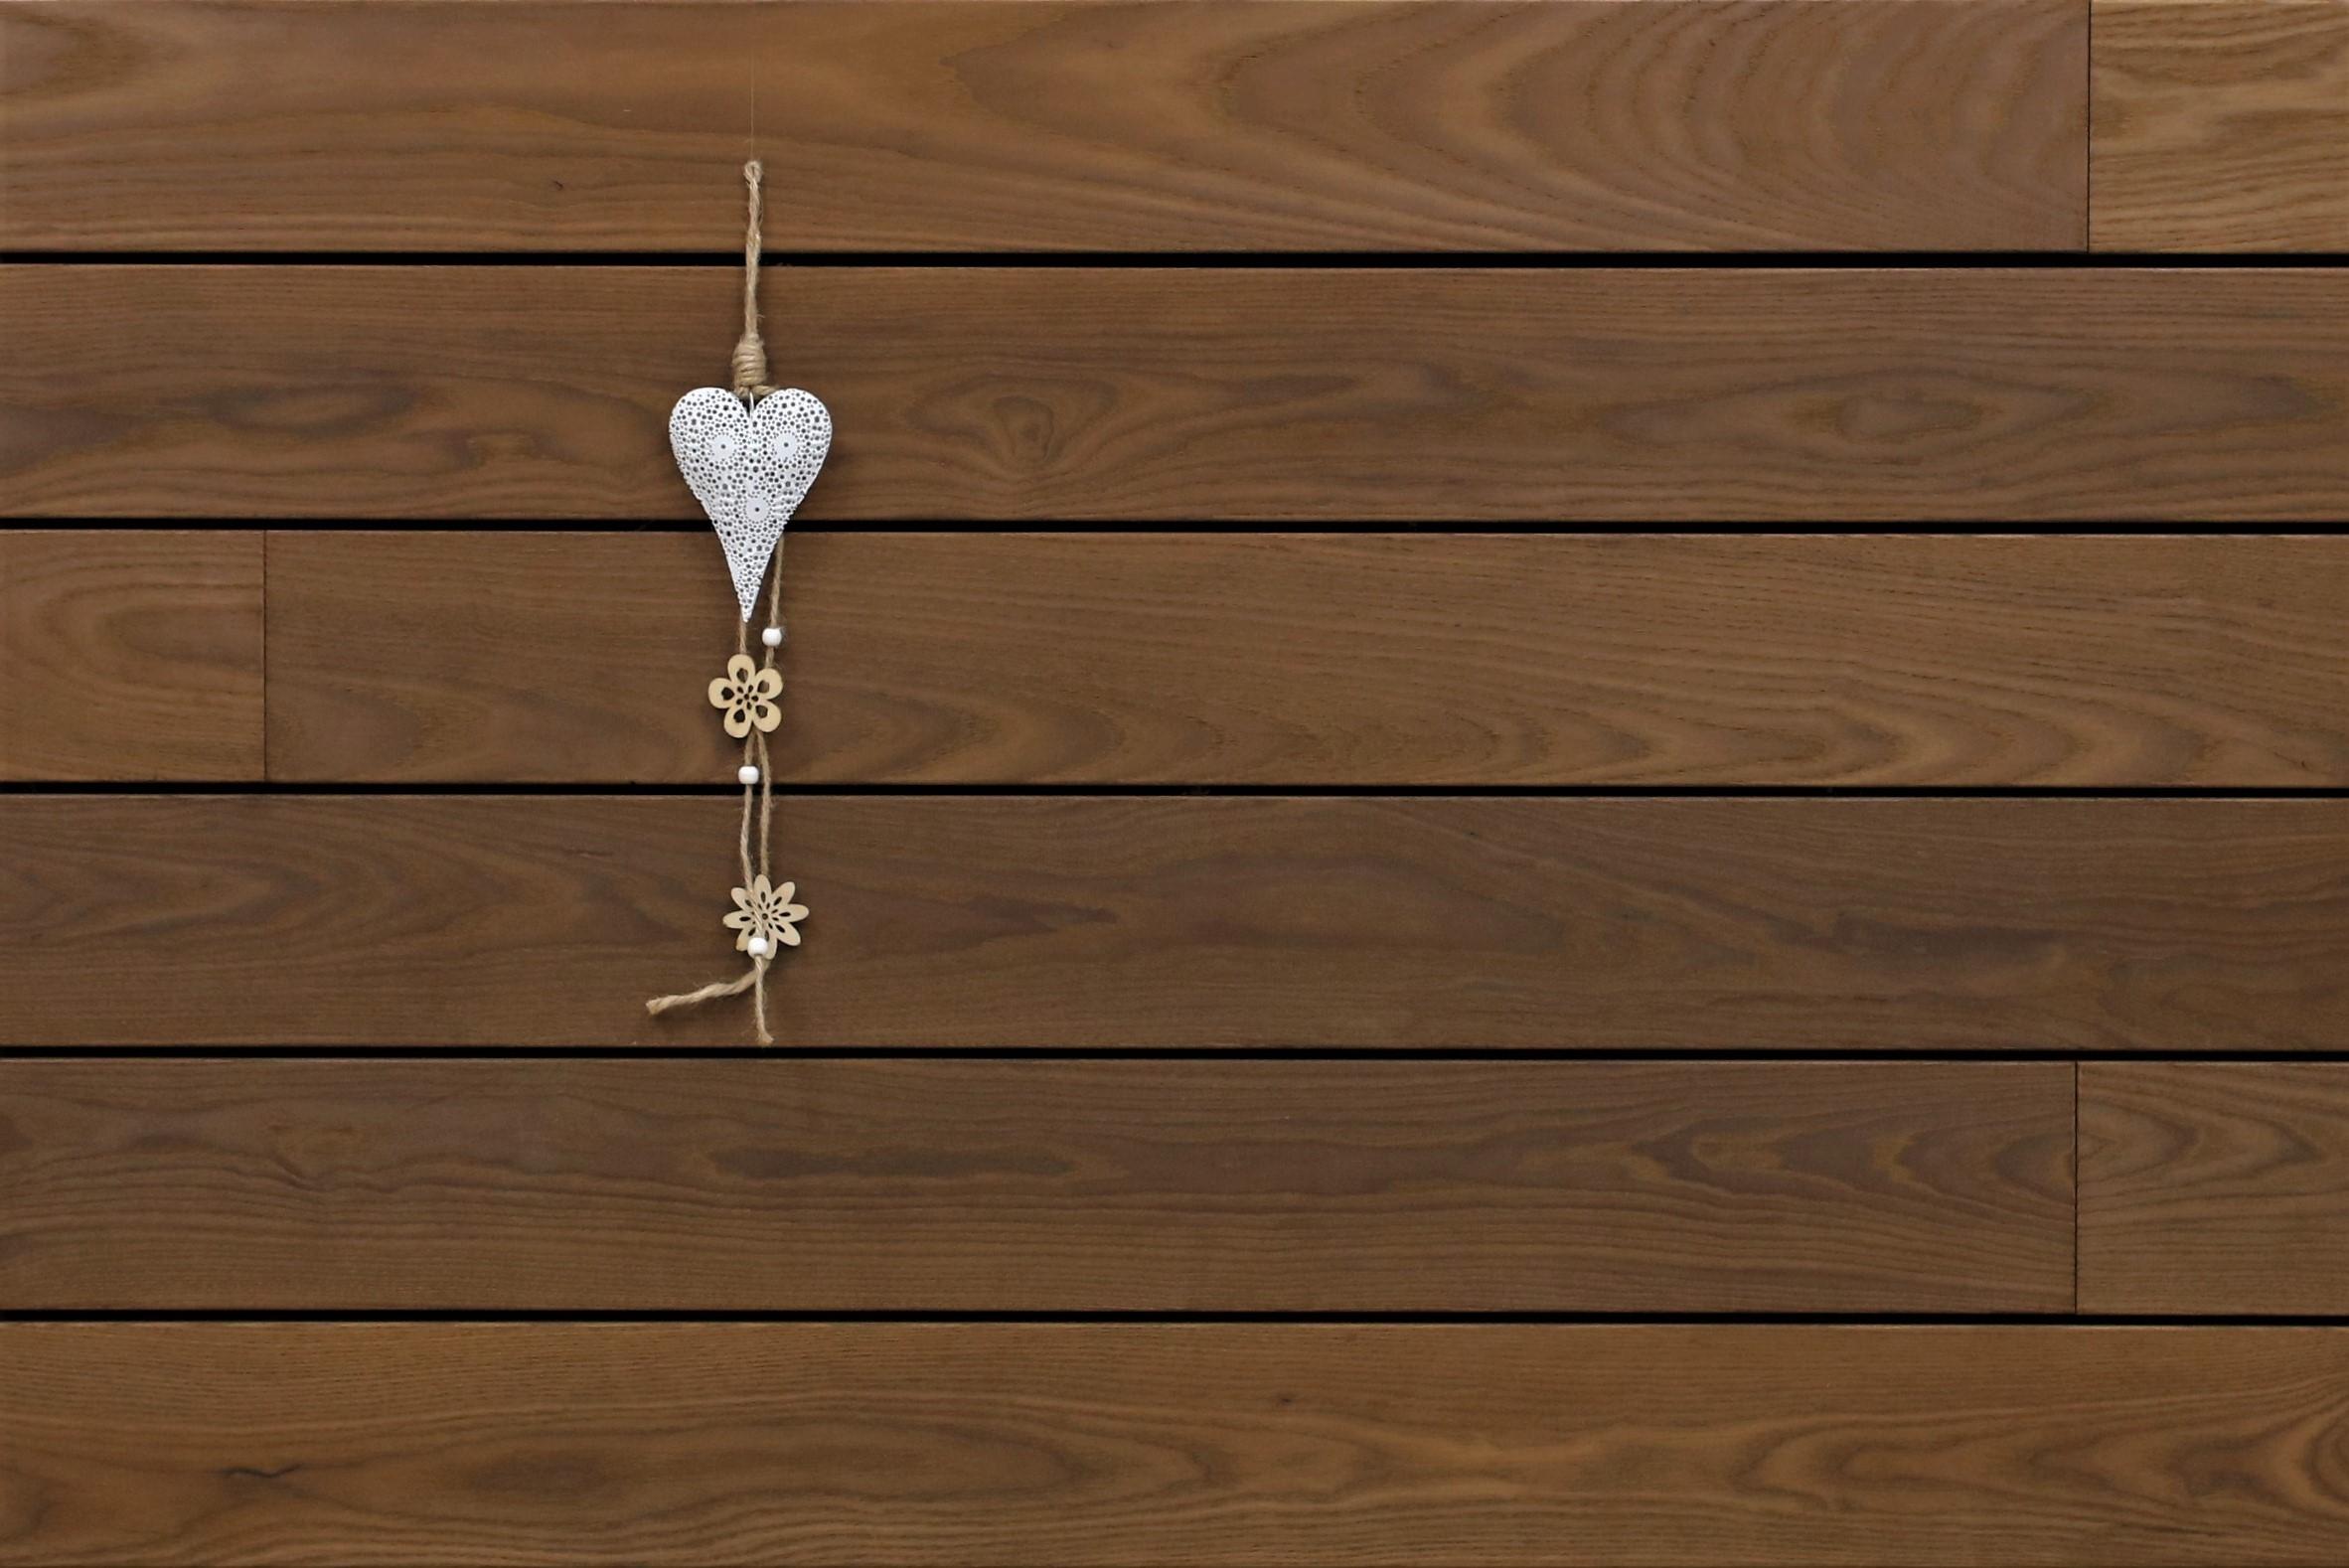 Thermoesche Terrassendielen, glatt, stirnseitig Nut / Feder Verbindung, 21 x 130 von 1800 bis 3000 mm, Premium (KD) für 10,95 €/lfm